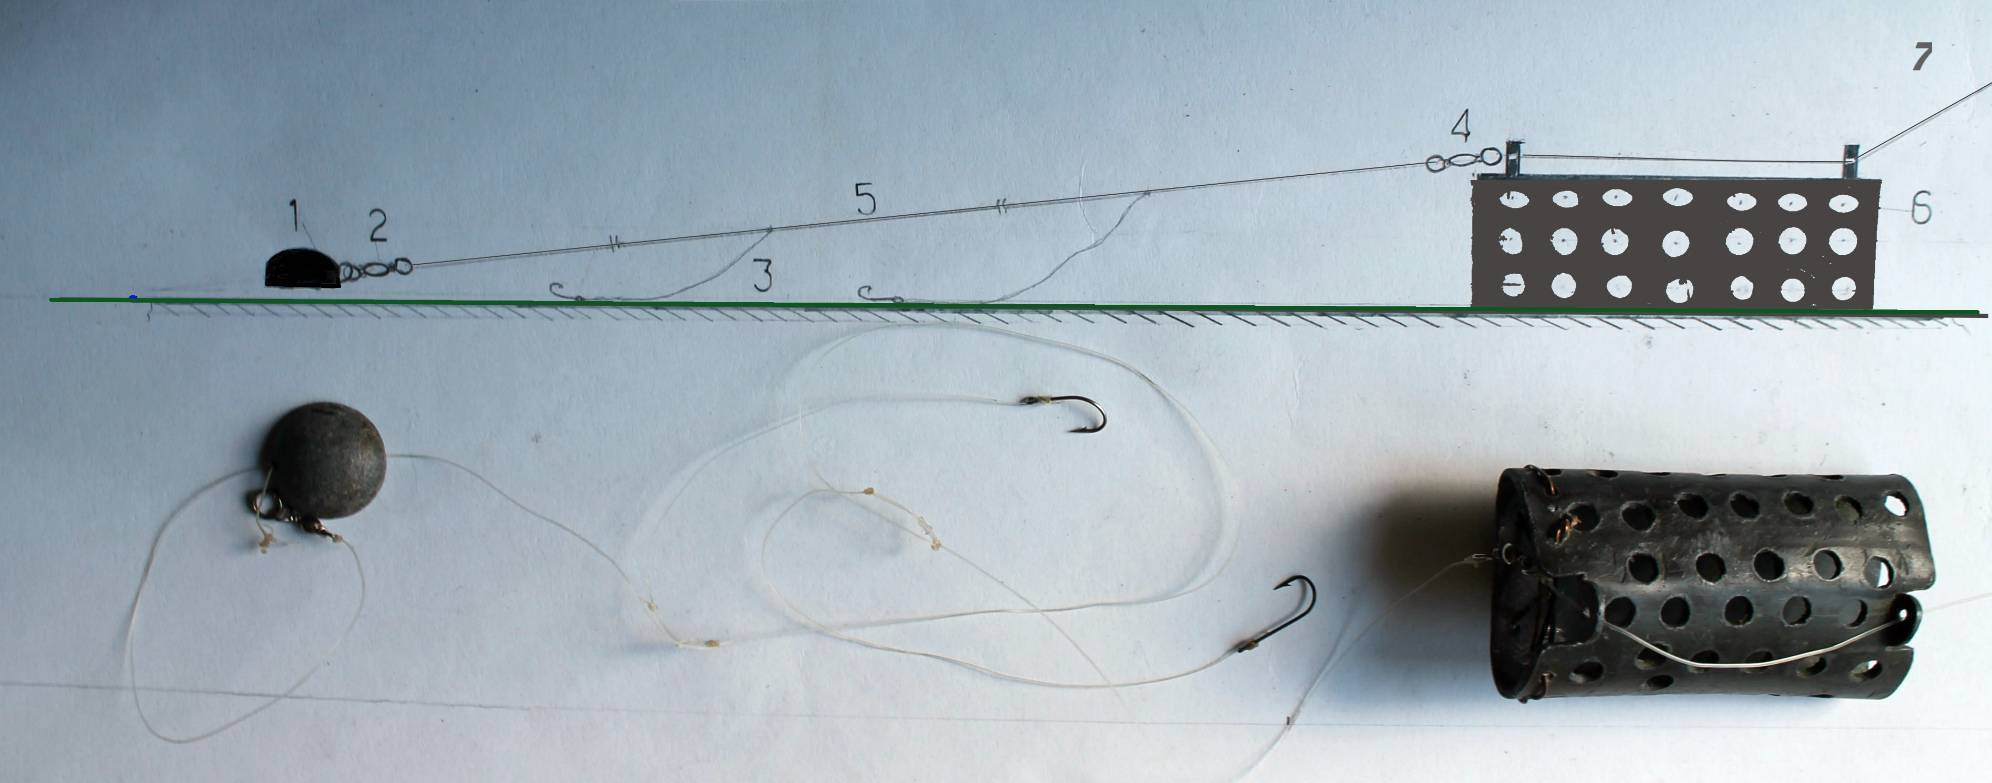 Рыболовная снасть кольцо своими руками - фото и видео